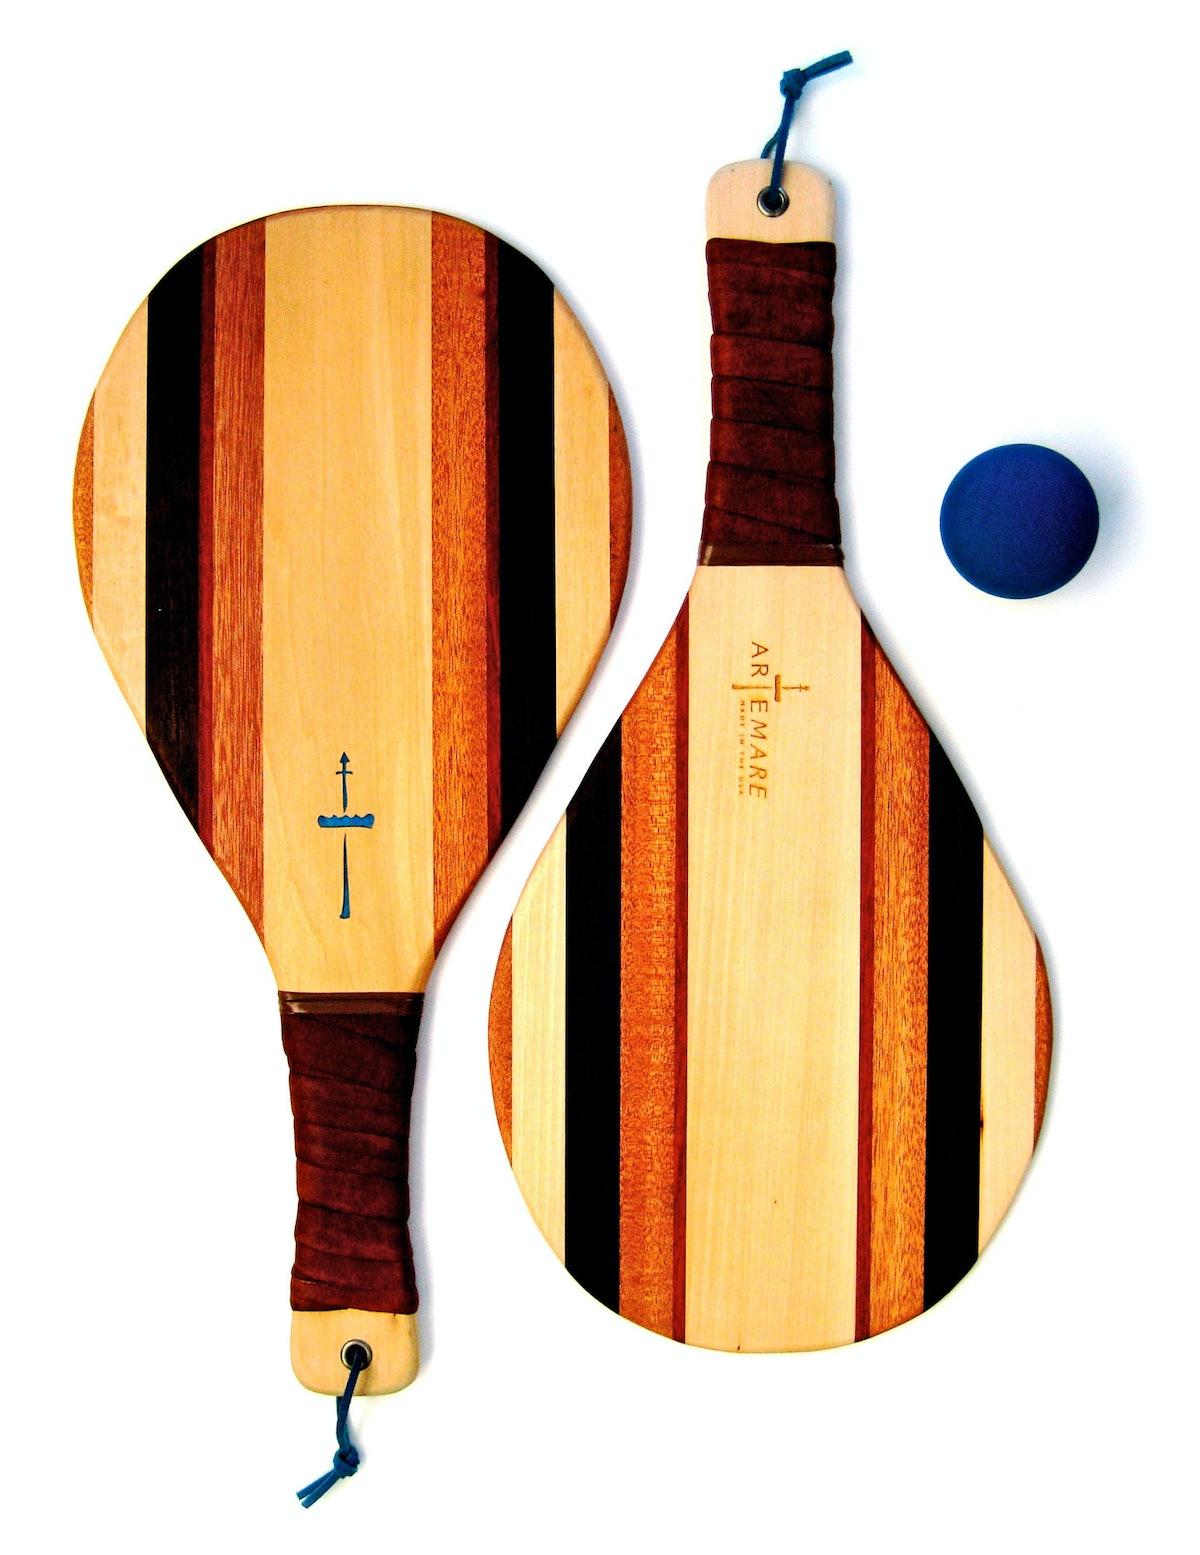 Artemare beach racket set, $196, bespokeglobal.com.